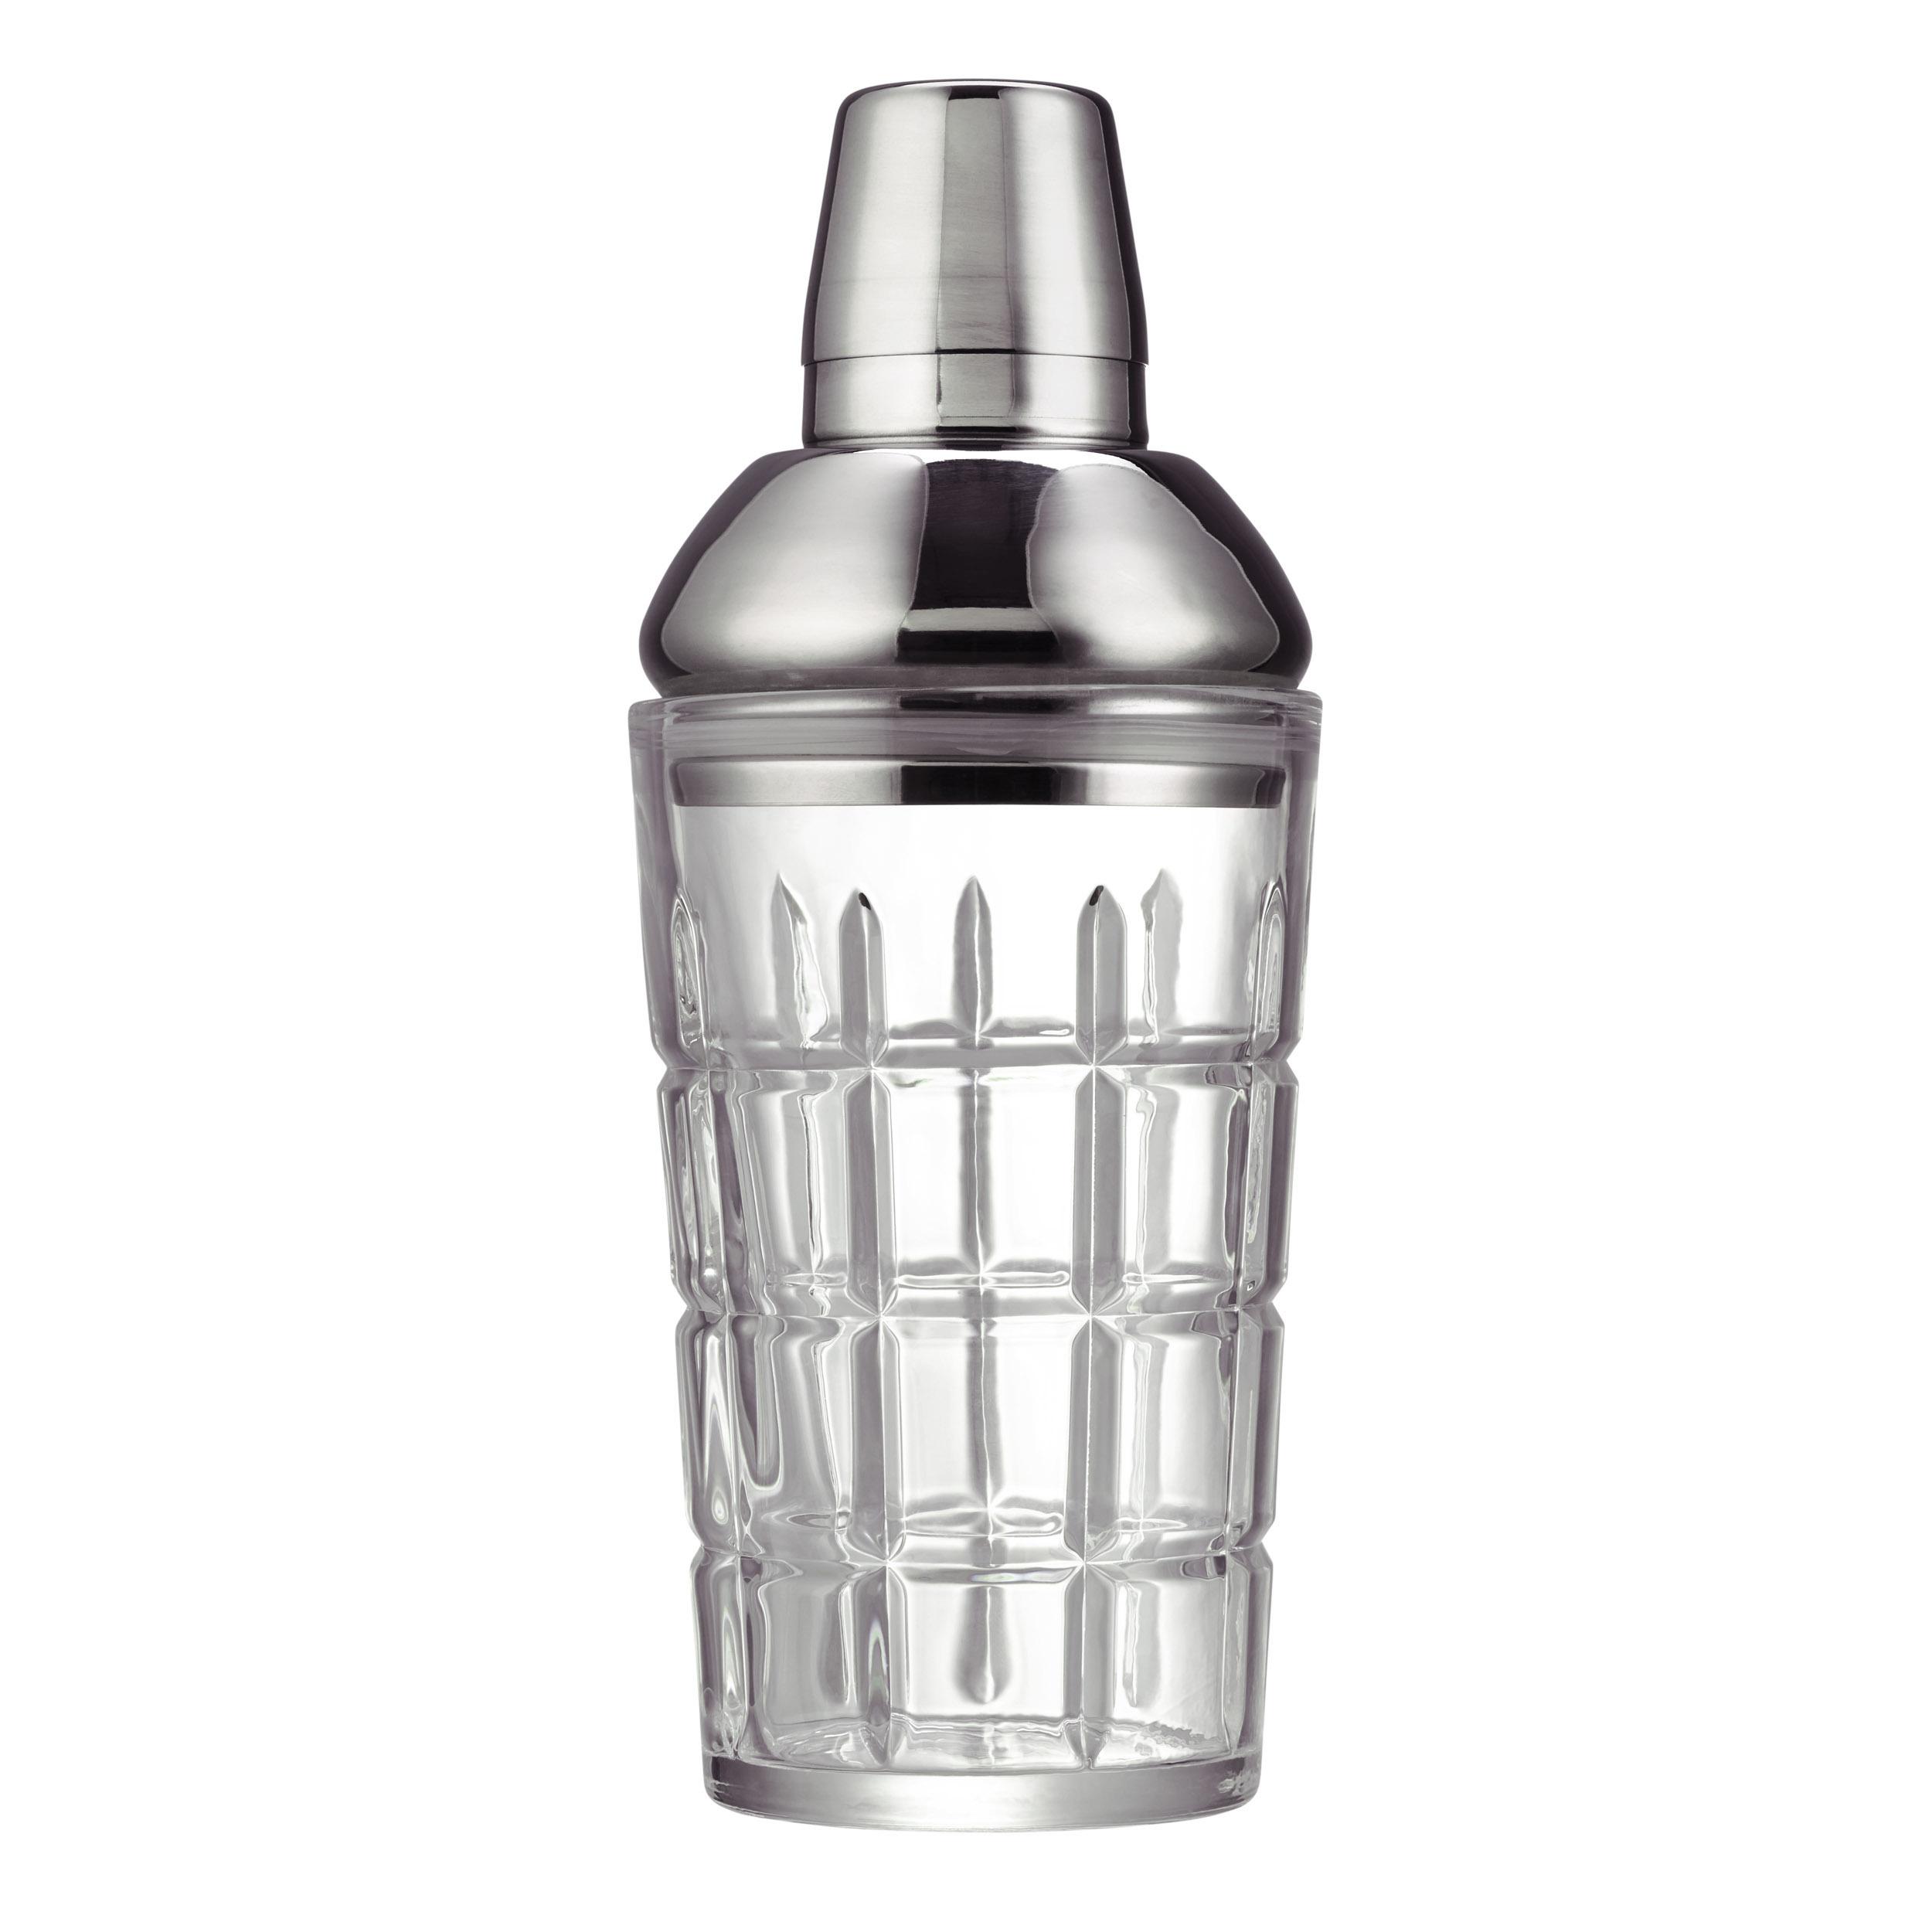 Artland Newport Glass 18 Ounce Cocktail Shaker